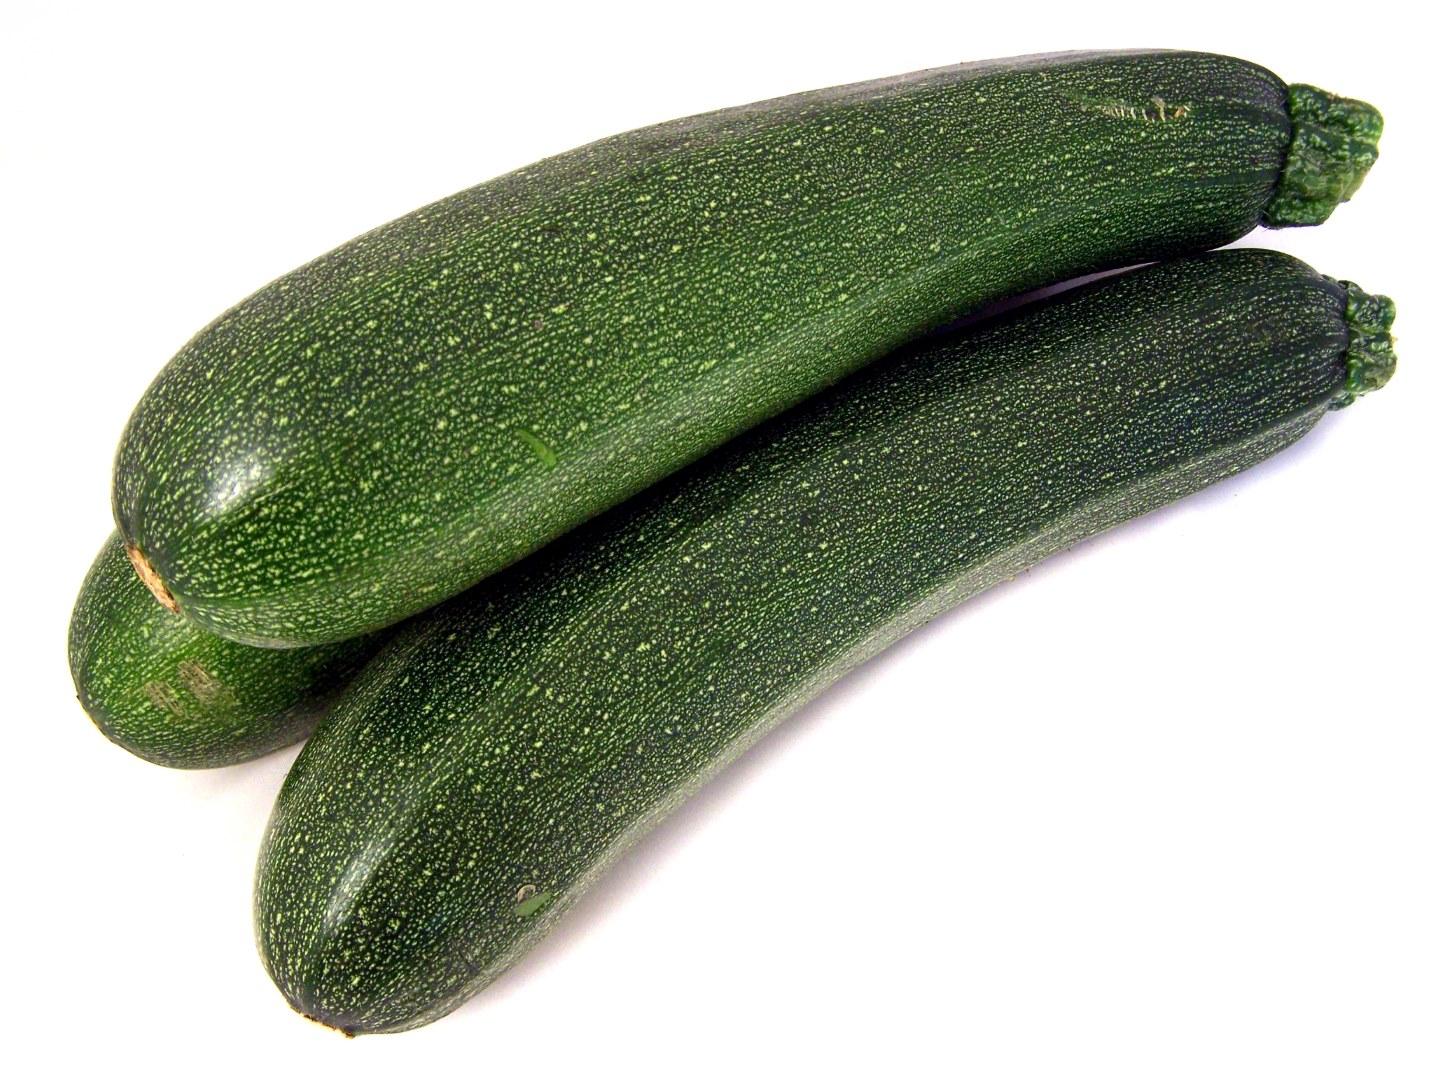 kann man zucchini roh essen zucchini was kann man mit zucchini kochen worlds of gesundheit. Black Bedroom Furniture Sets. Home Design Ideas